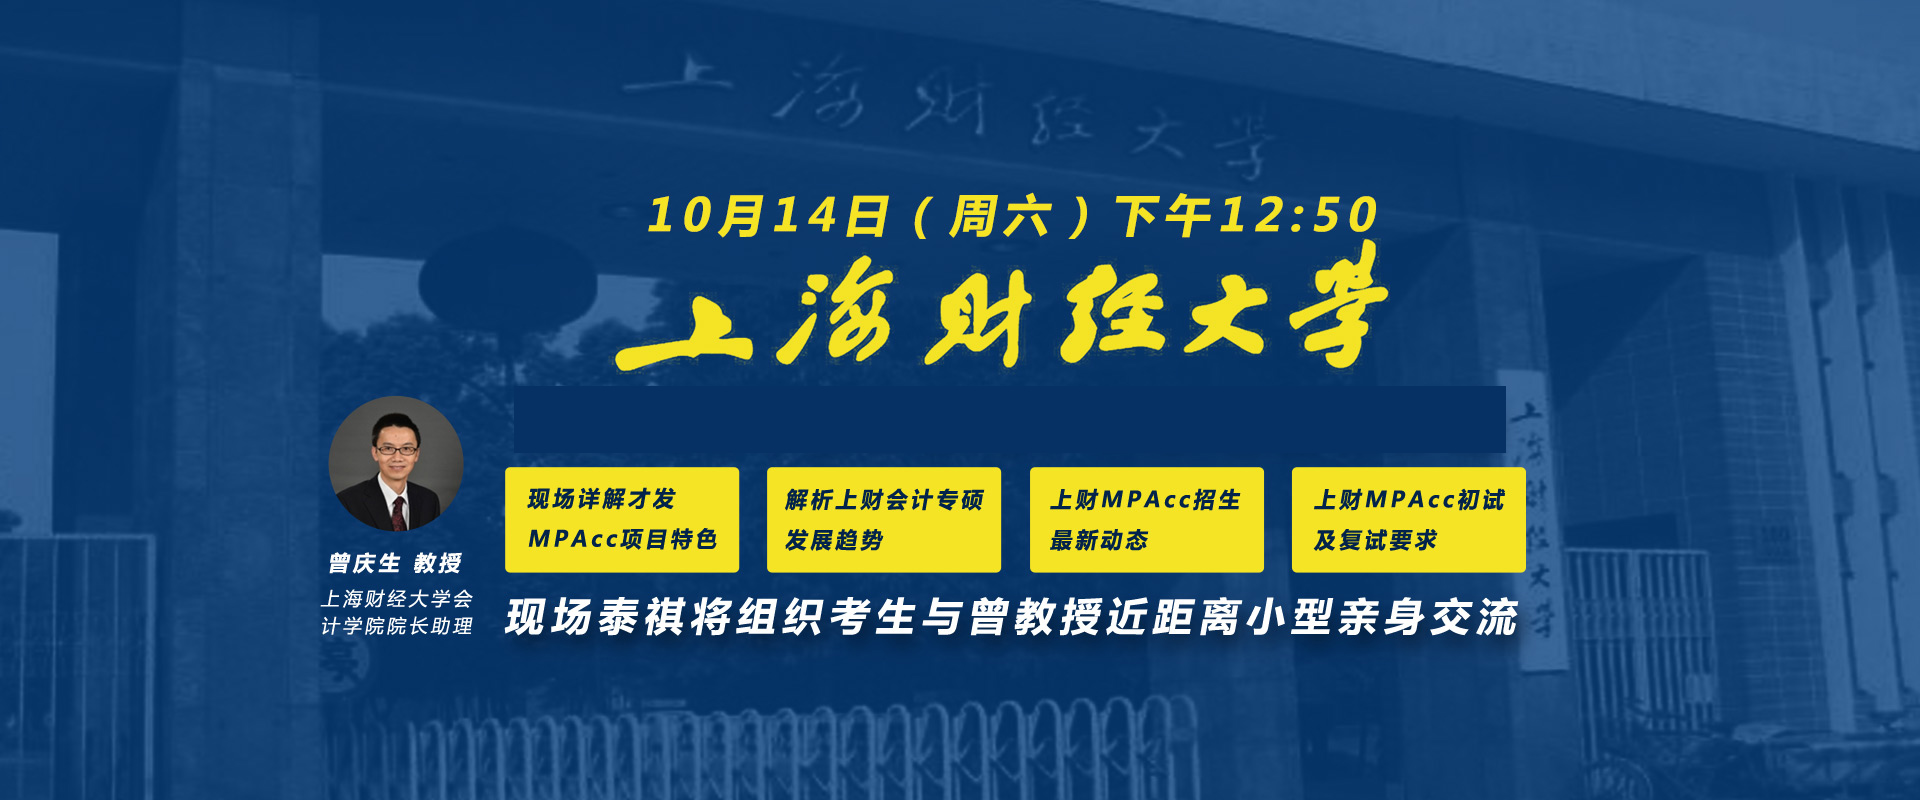 上海财经大学MPAcc(会计专硕)泰祺专场说明会